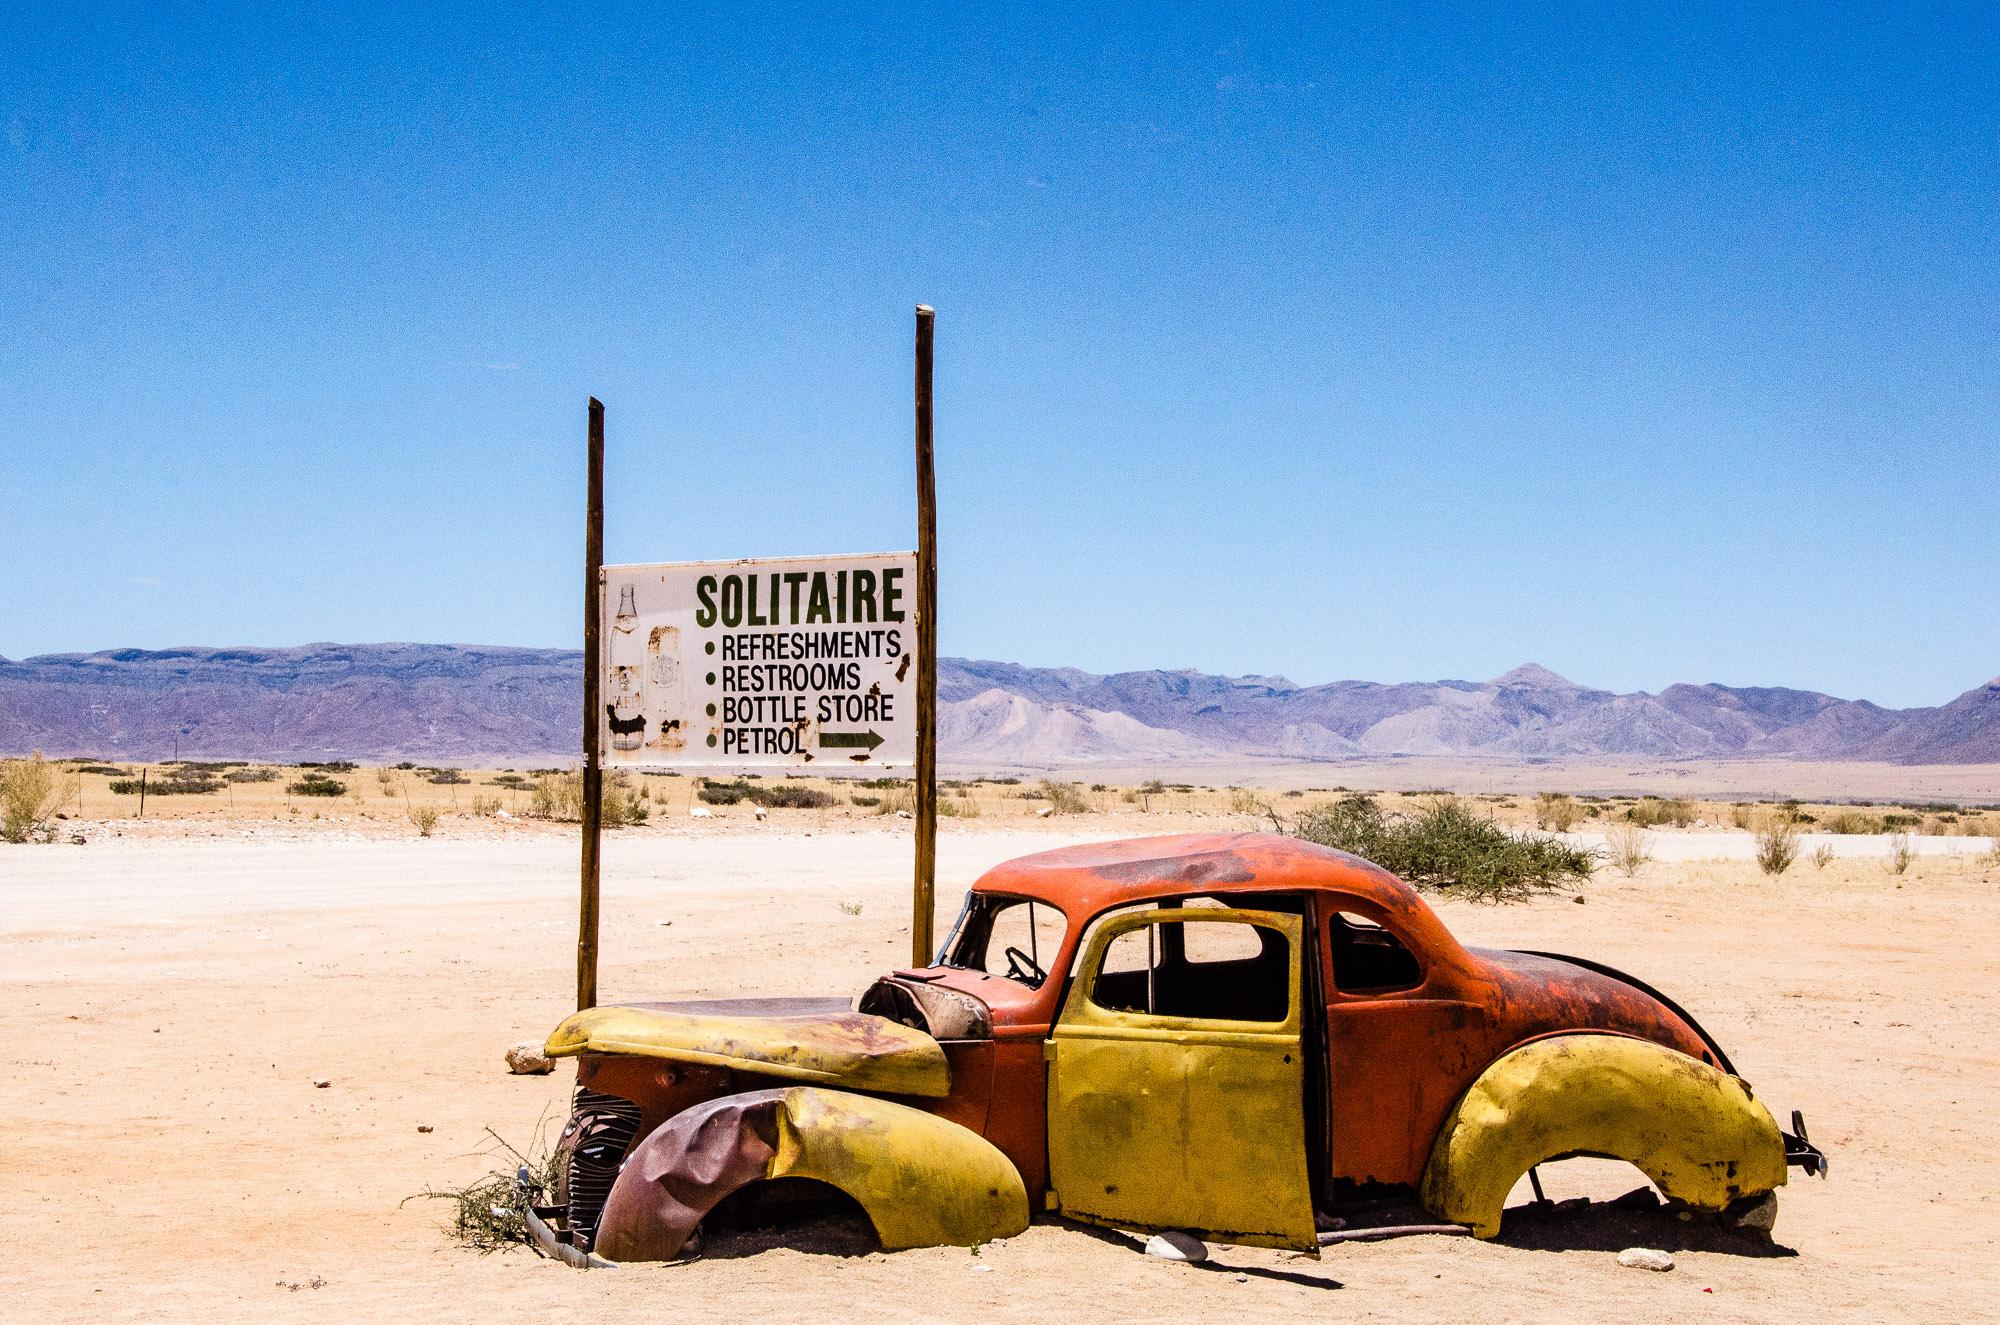 solitaire automobile ferraille cimetiere - swakopmund - le desert du namibie - afrique, namibie